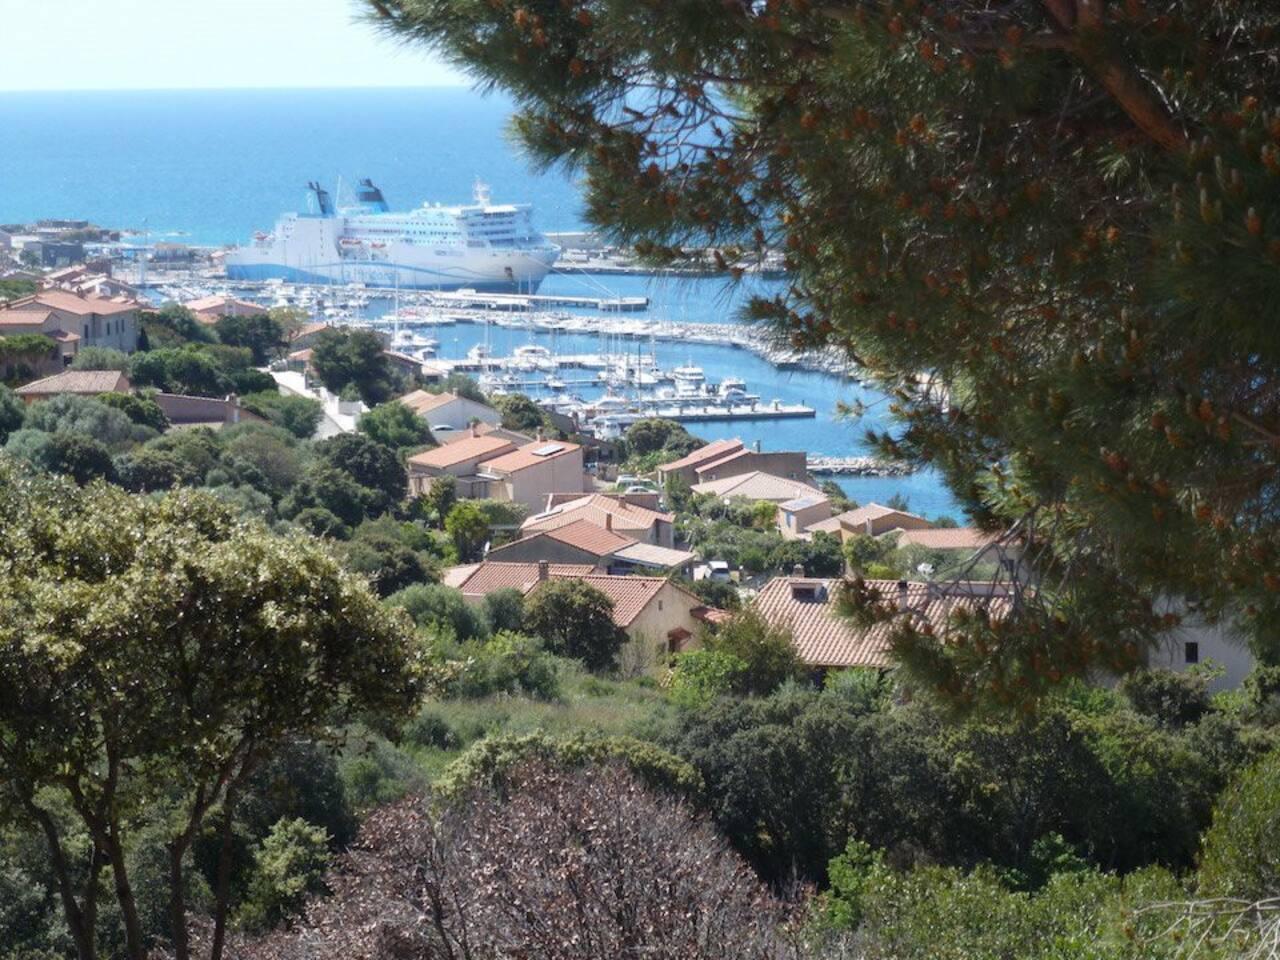 vue du port